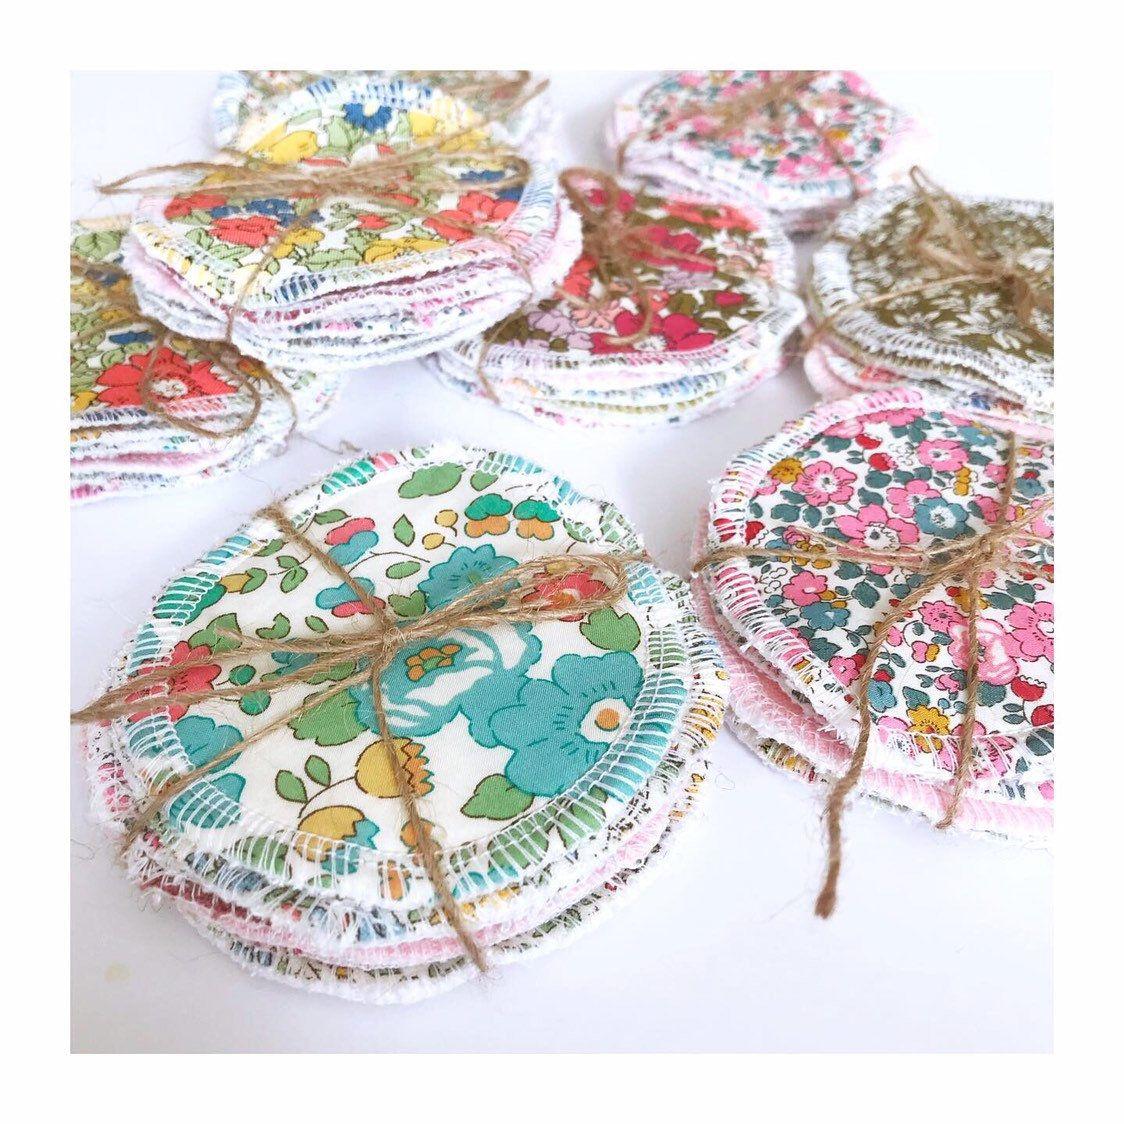 Reusable Liberty and organic cotton rounds / face pads